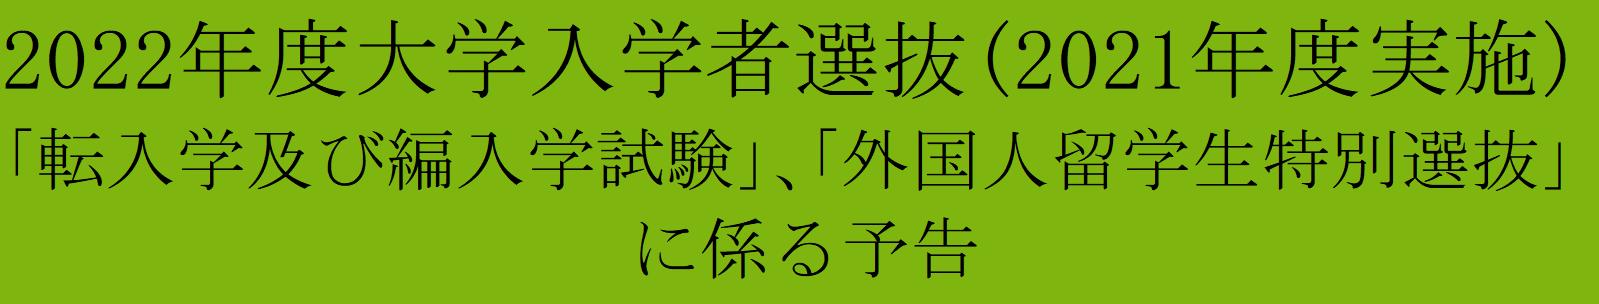 【公表用】2022入試予告バナー2019.11.14(2).png